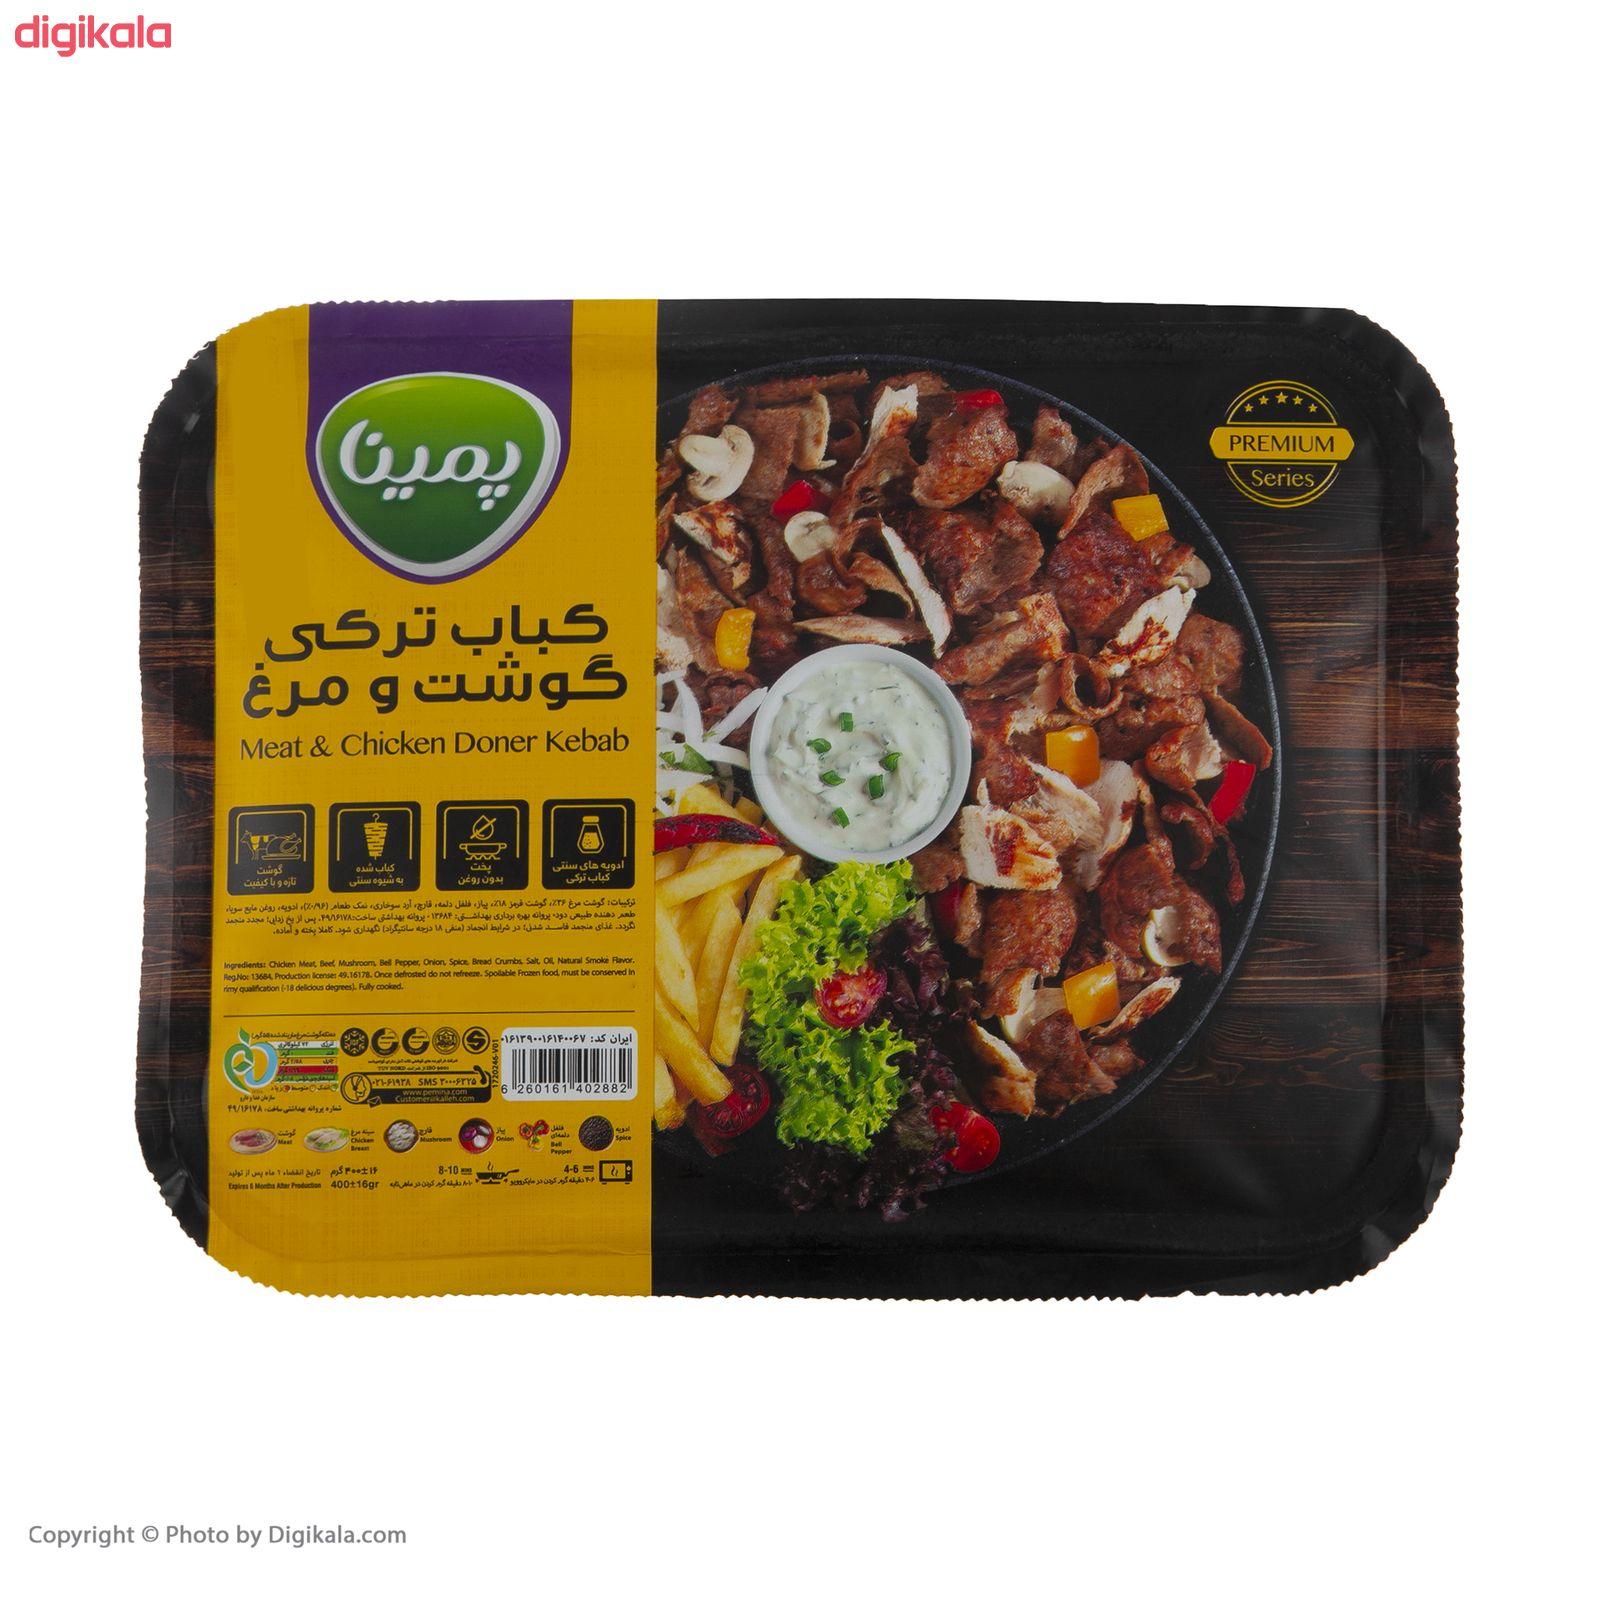 جوجه کباب ترکی گوشت و مرغ پمینا مقدار 400 گرم main 1 2